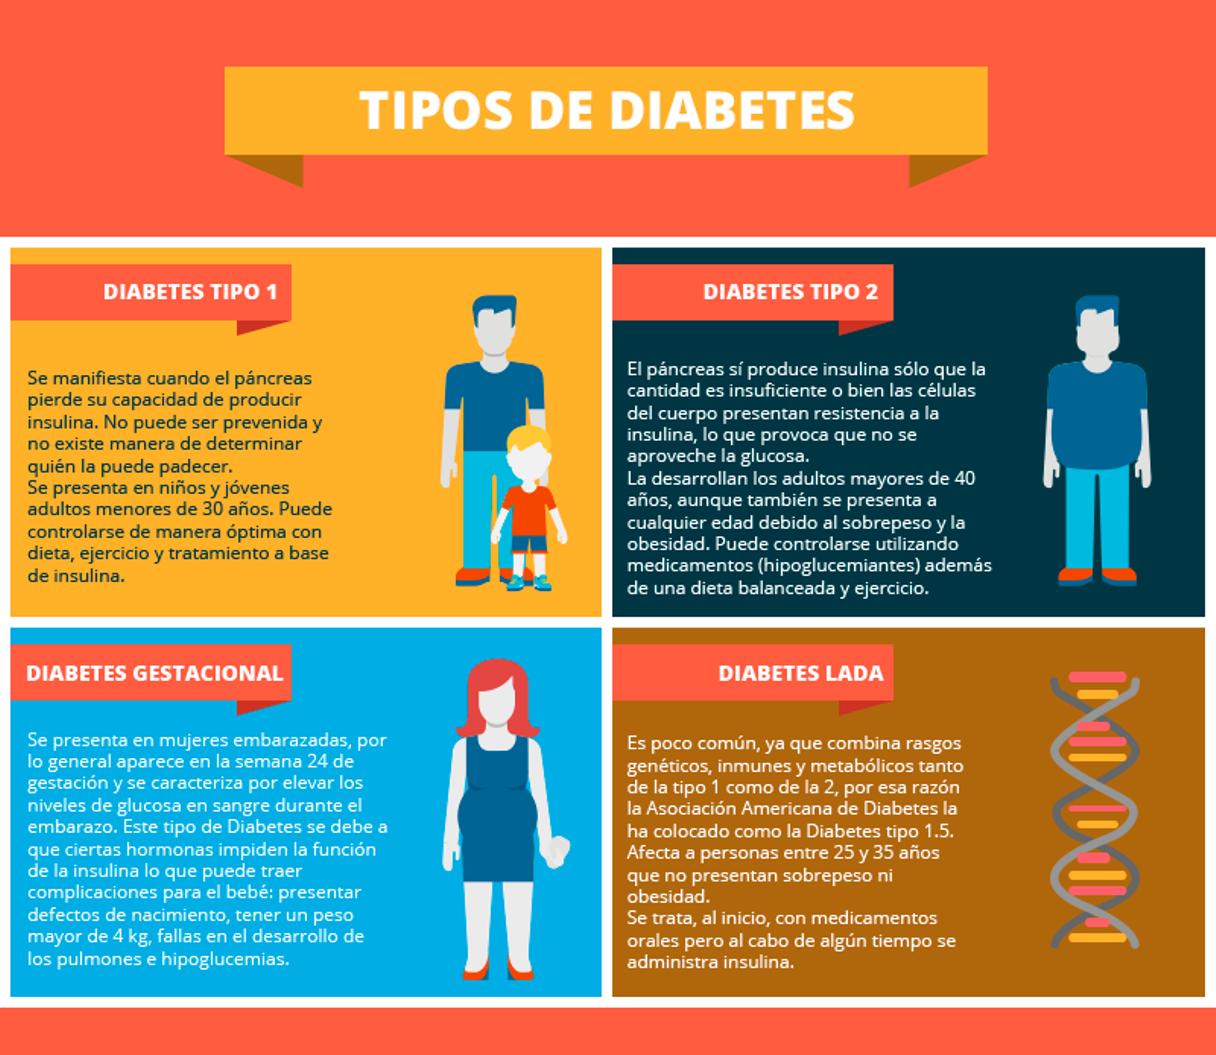 si la diabetes tipo 1 no se trata